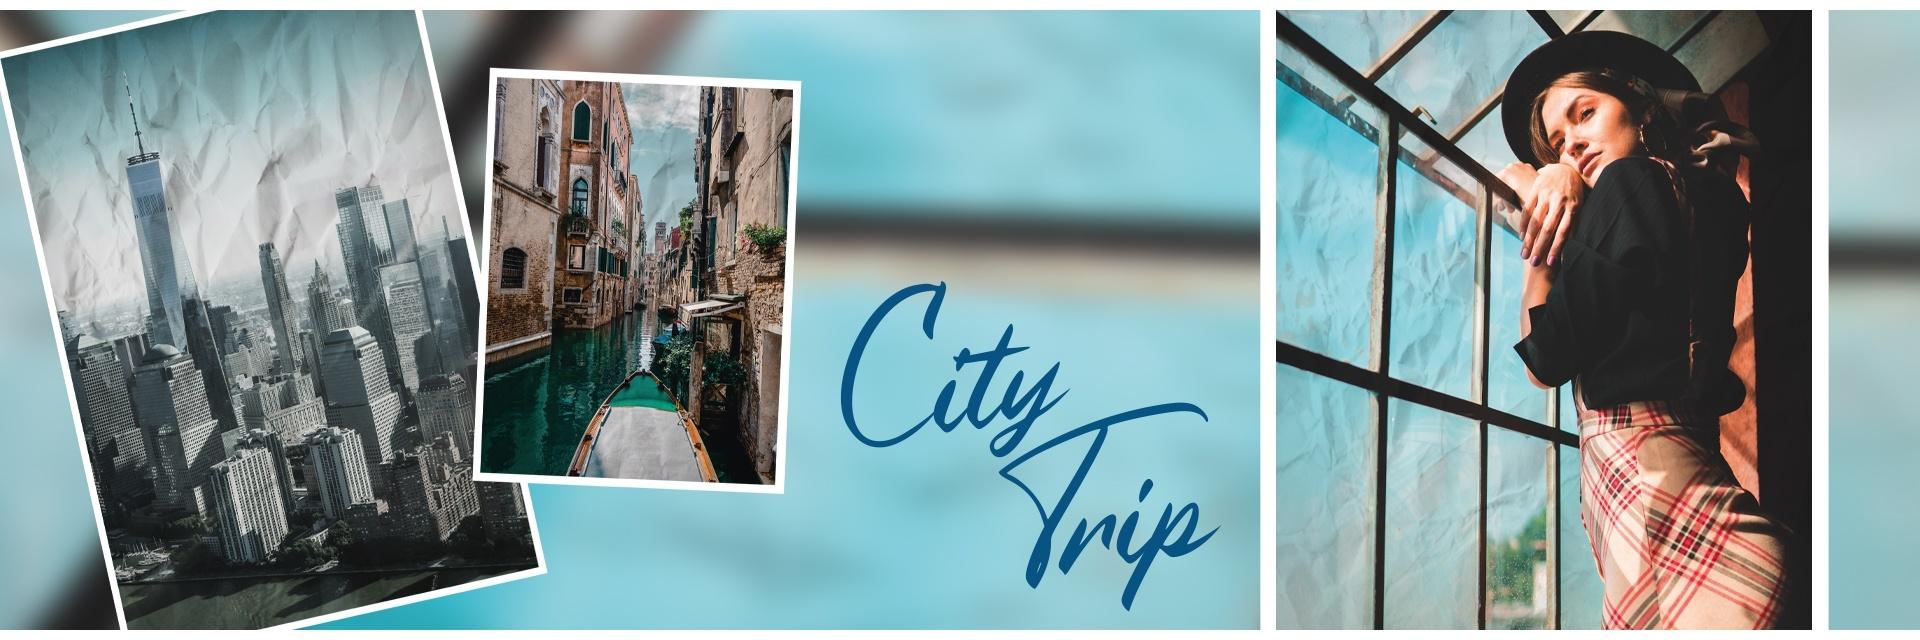 City Trip Städtereise